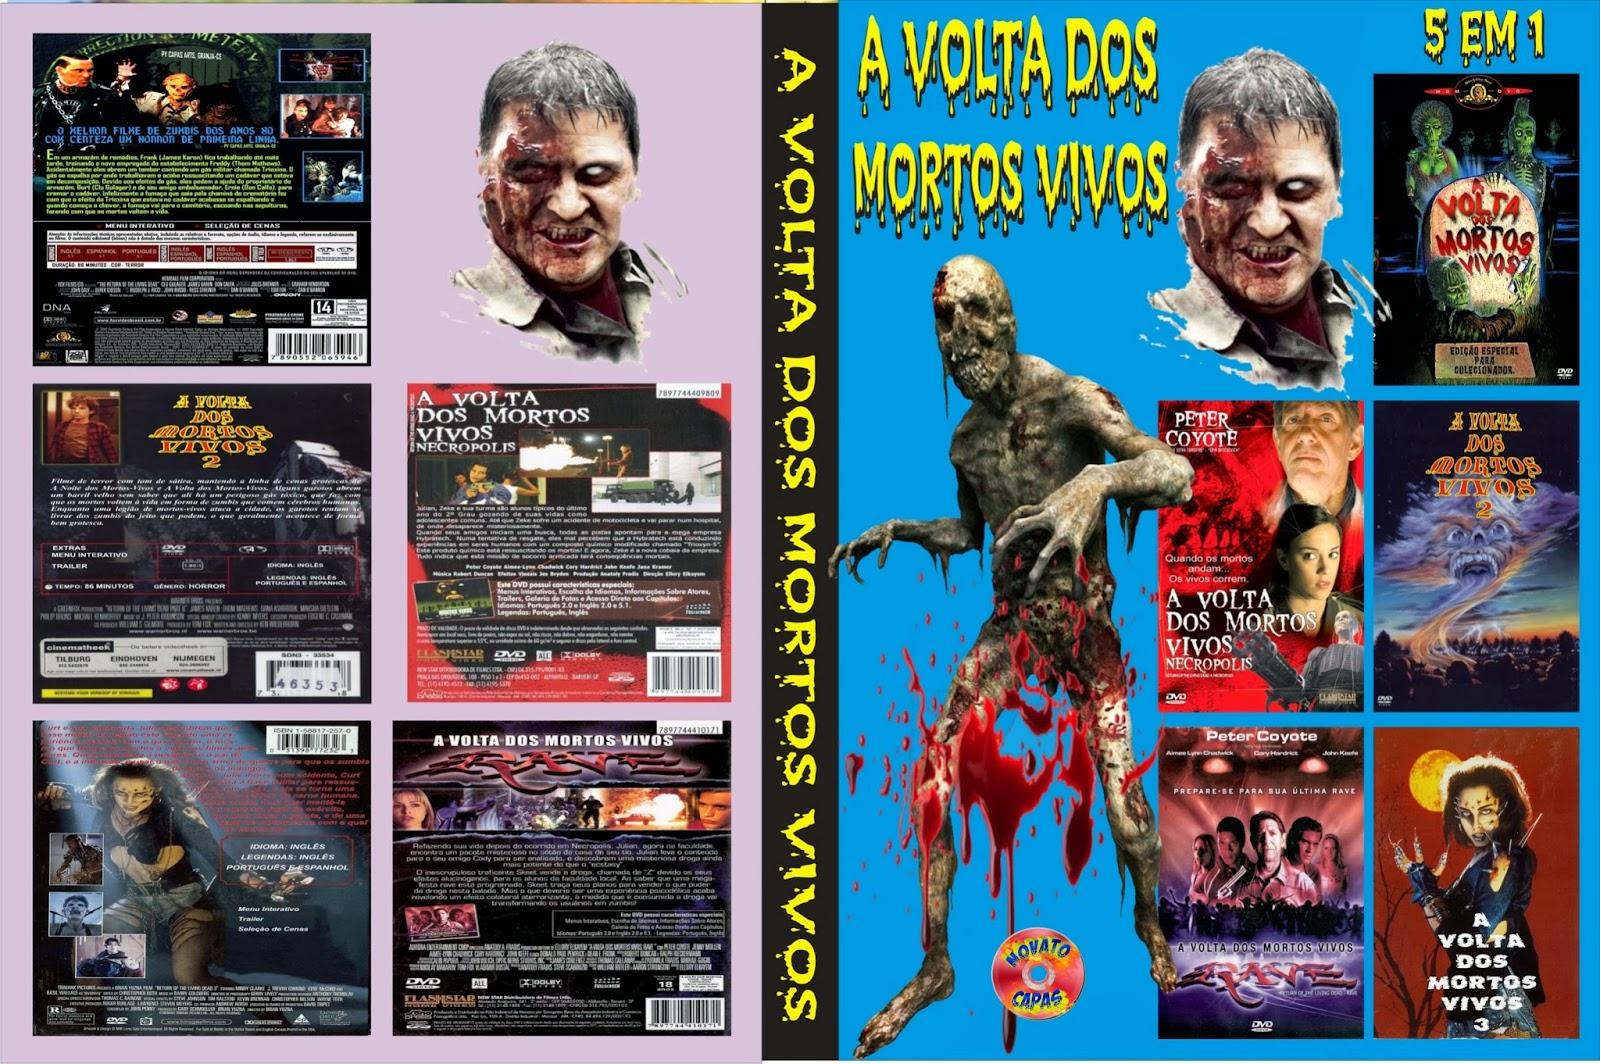 Filme Mortos Vivos pertaining to a volta dos mortos vivos 1.2.3.4.5. - isaac capas